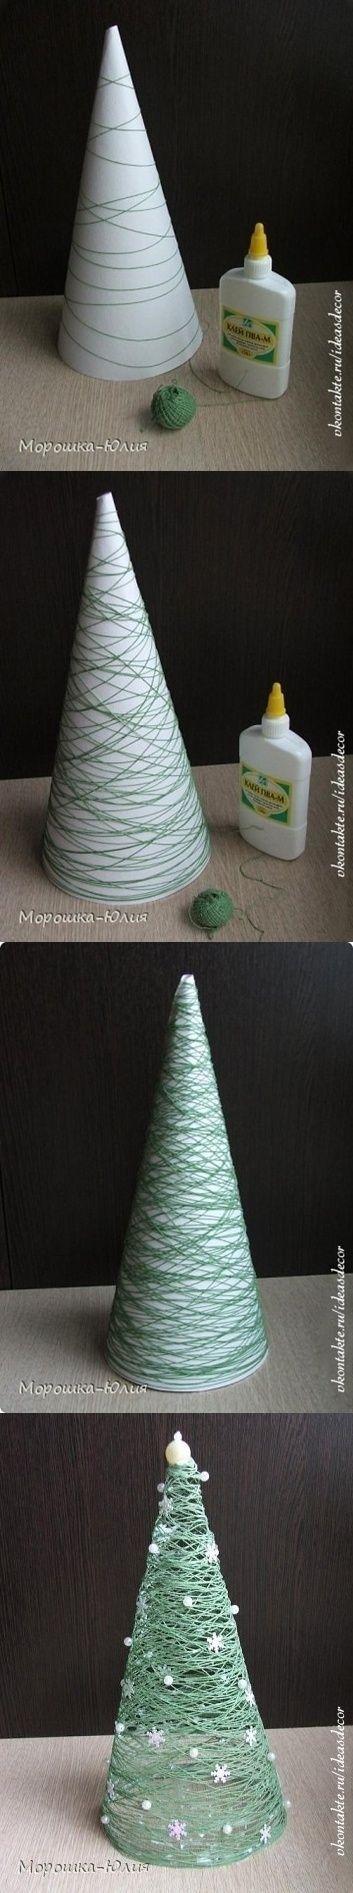 Un árbol de Navidad sencillo y original - #Adorno, #ÁrbolDeNavidad, #Manualidades, #Navidad http://navidad.es/14288/un-arbol-de-navidad-sencillo-y-original/